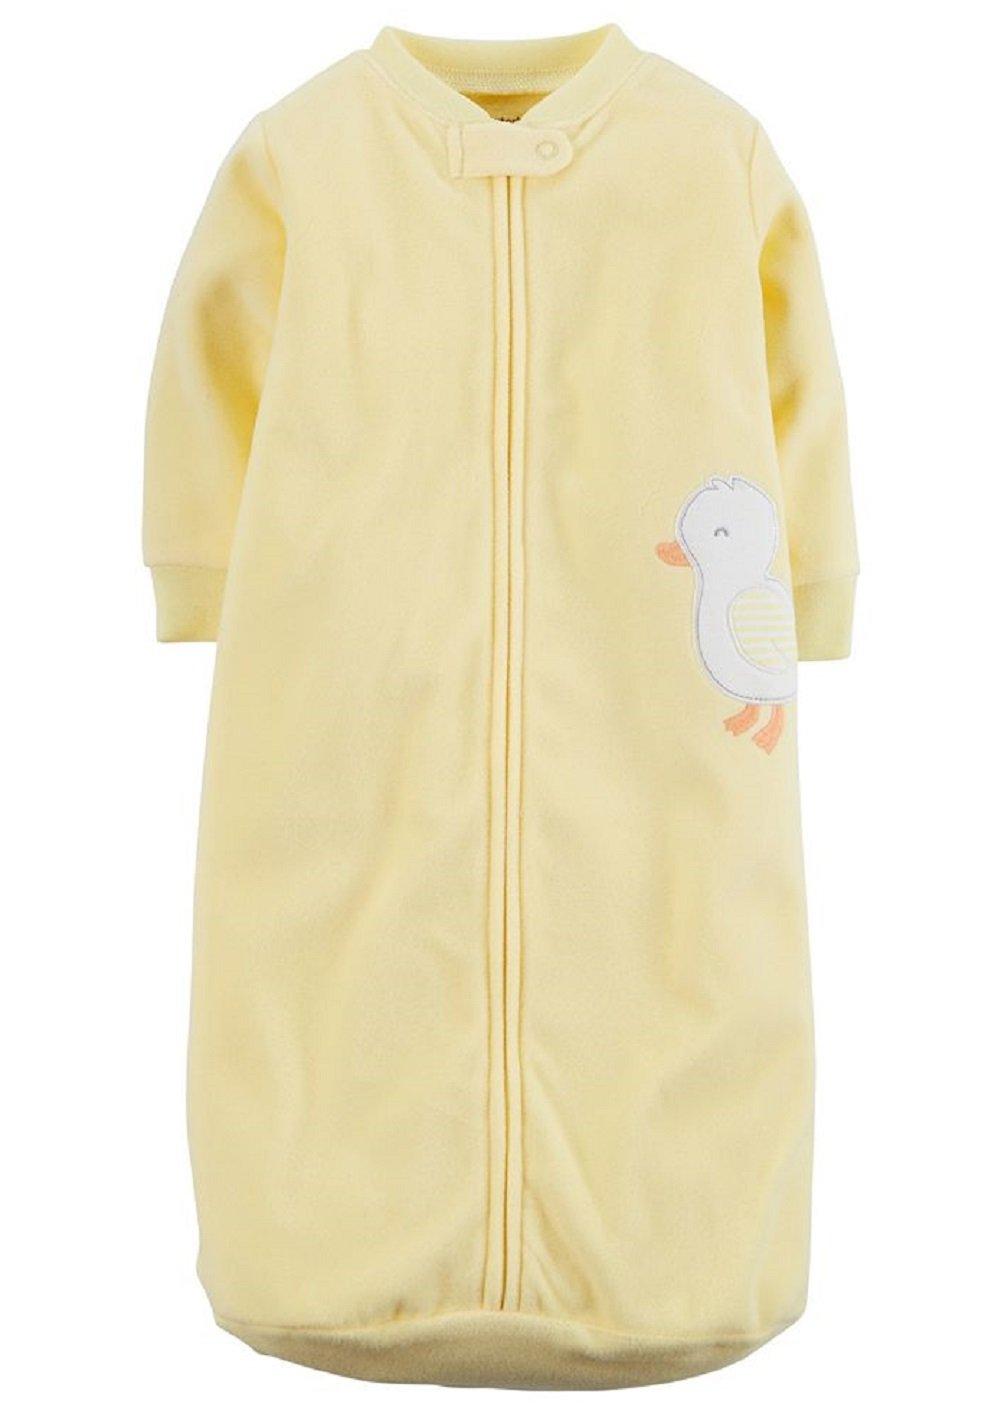 Amazon Carters Yellow Applique Fleece Sleepsuit Sleepsack 0 9 Months Baby